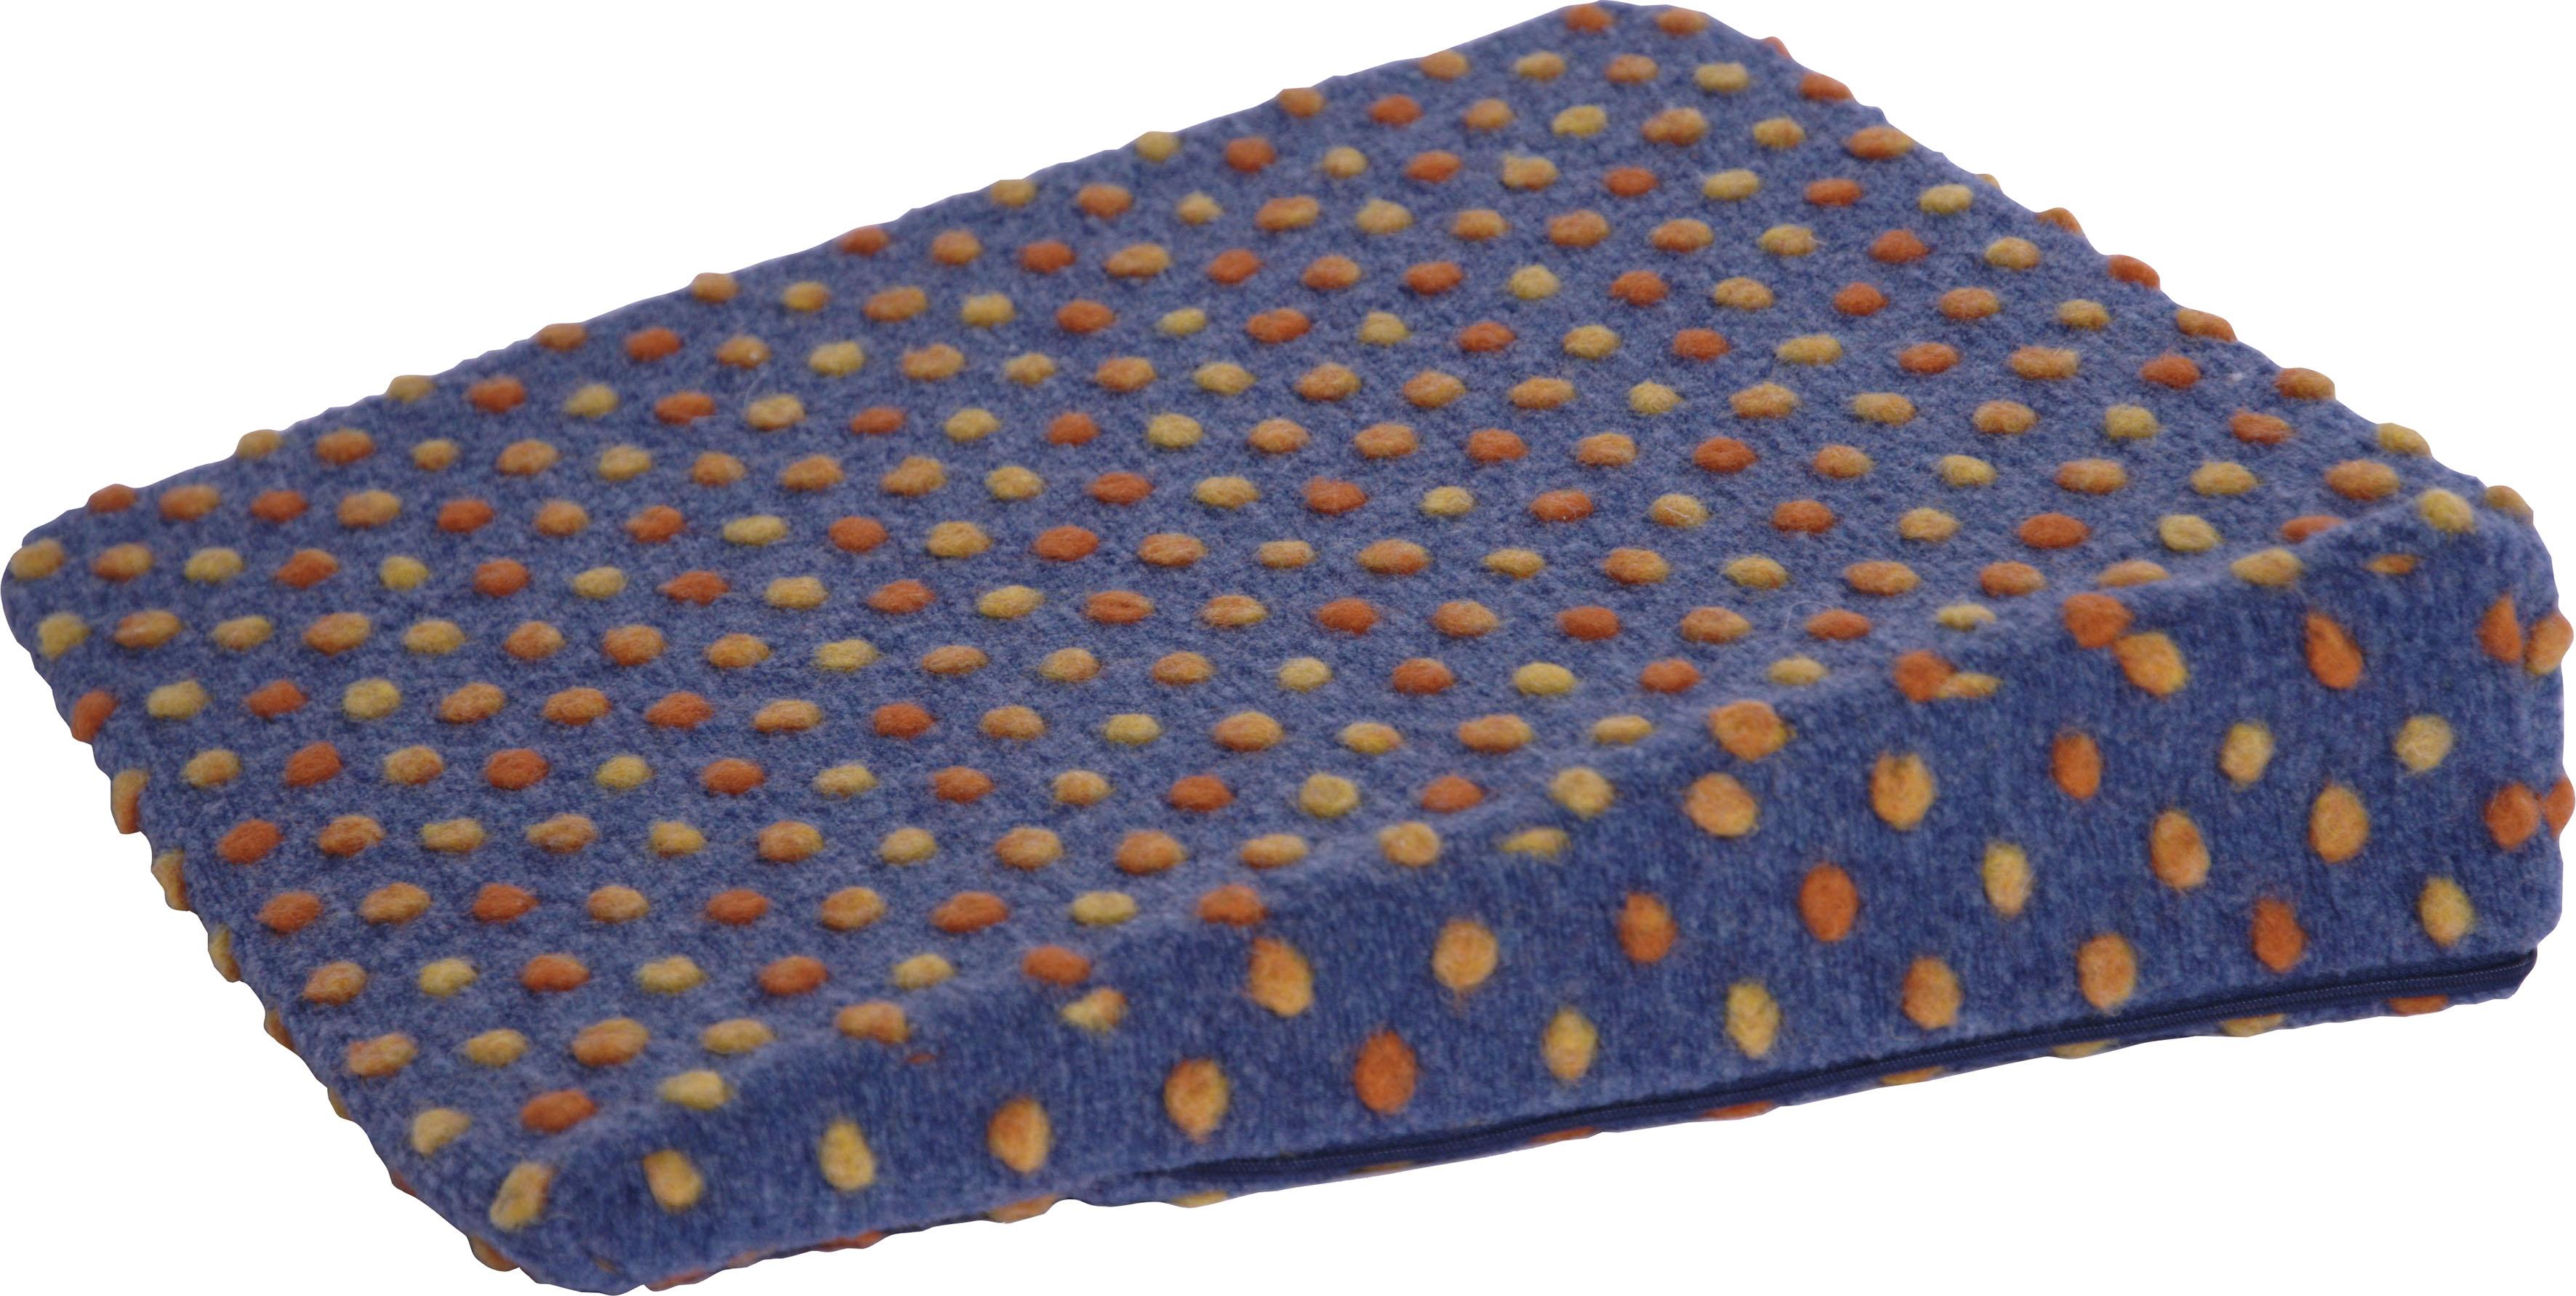 DELAVITA Keilkissen Punkte, aus reiner Schurwolle blau Sitzkissen Kissen